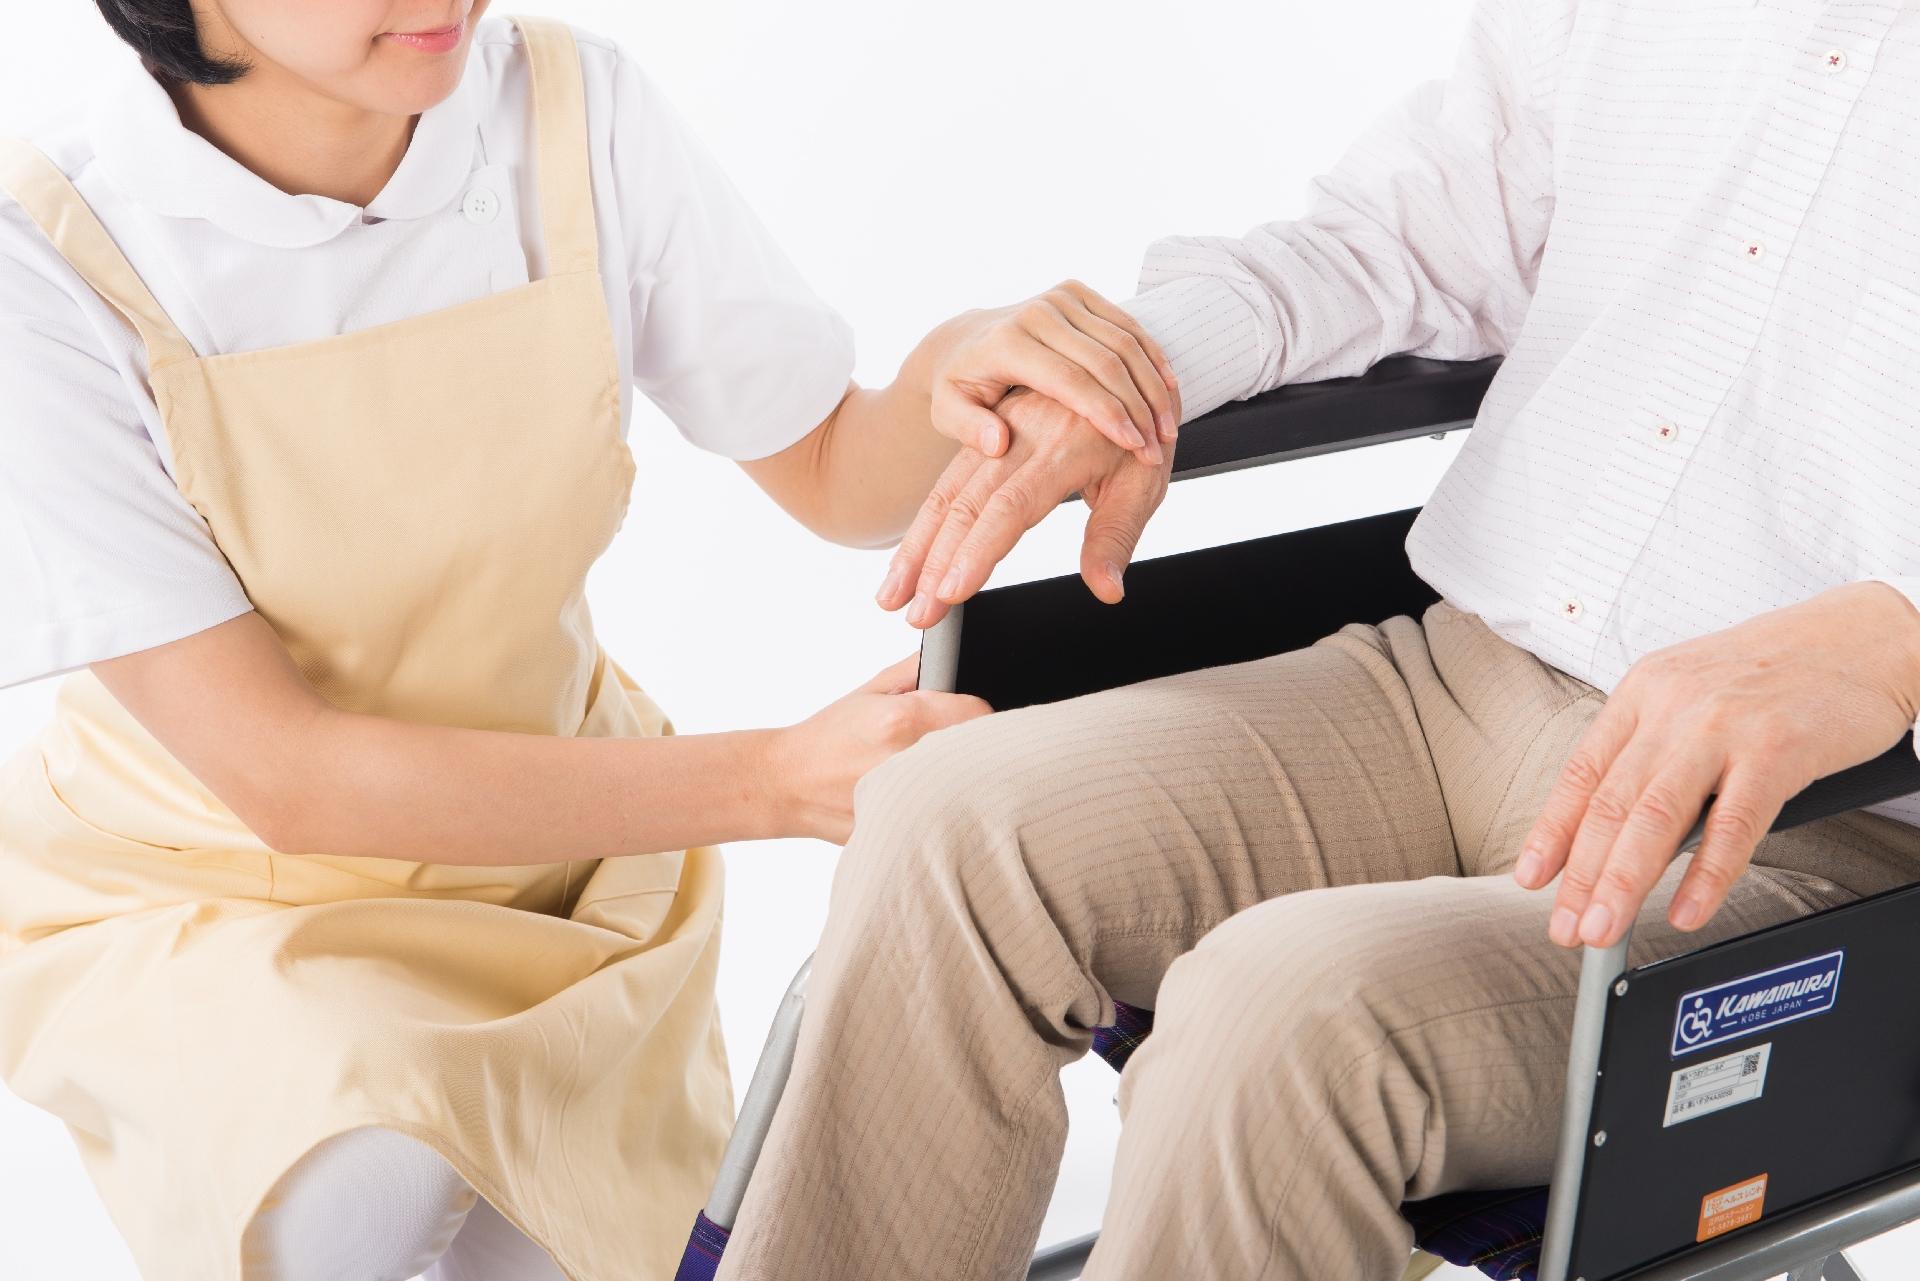 介護士を辞めたい人へ=つらい仕事を上手に辞める方法